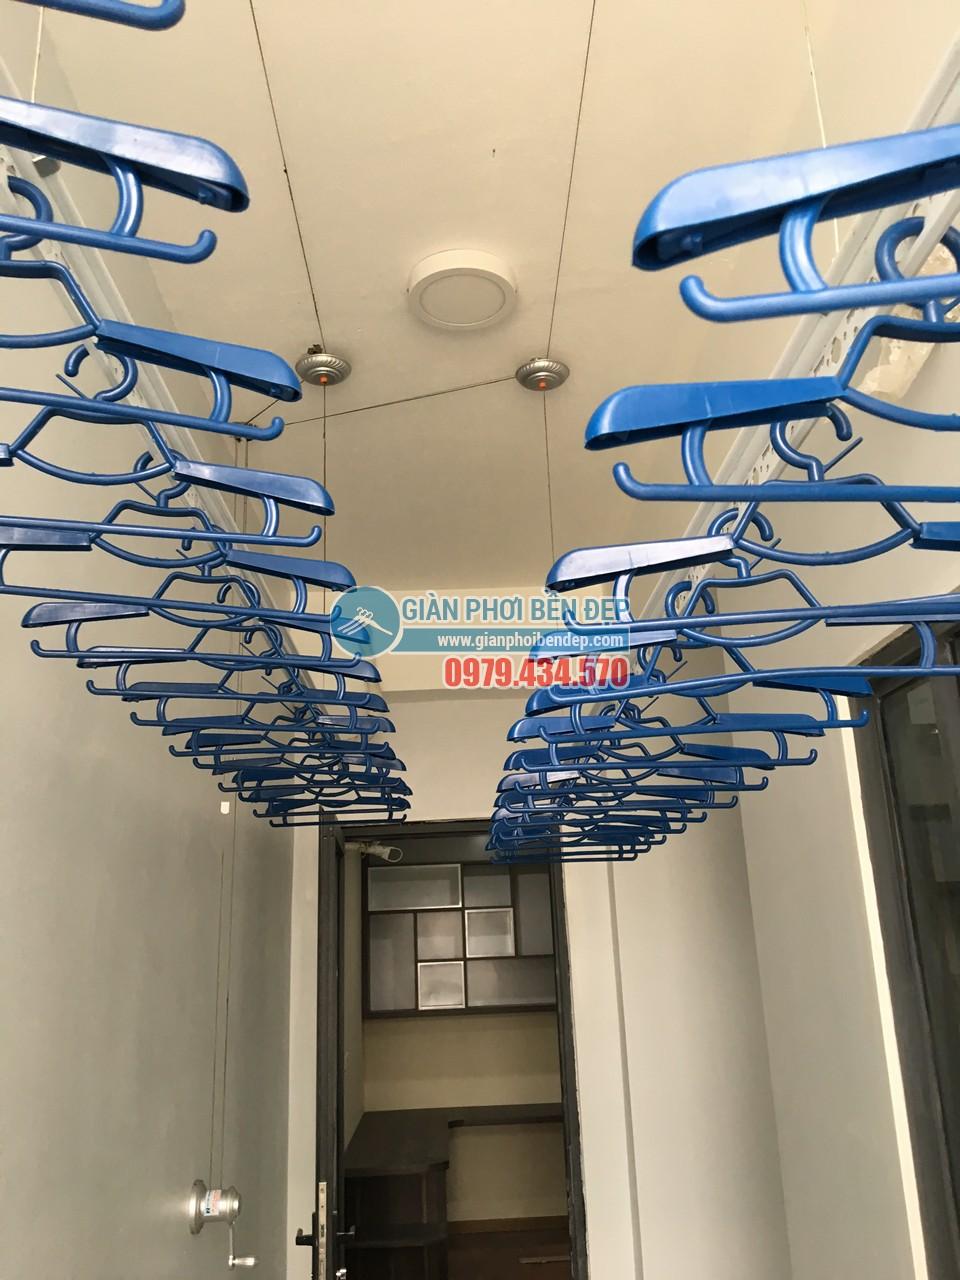 Lắp bộ giàn phơi thông minh cao cấp nhà chị Nhật, chung cư NO1-T3